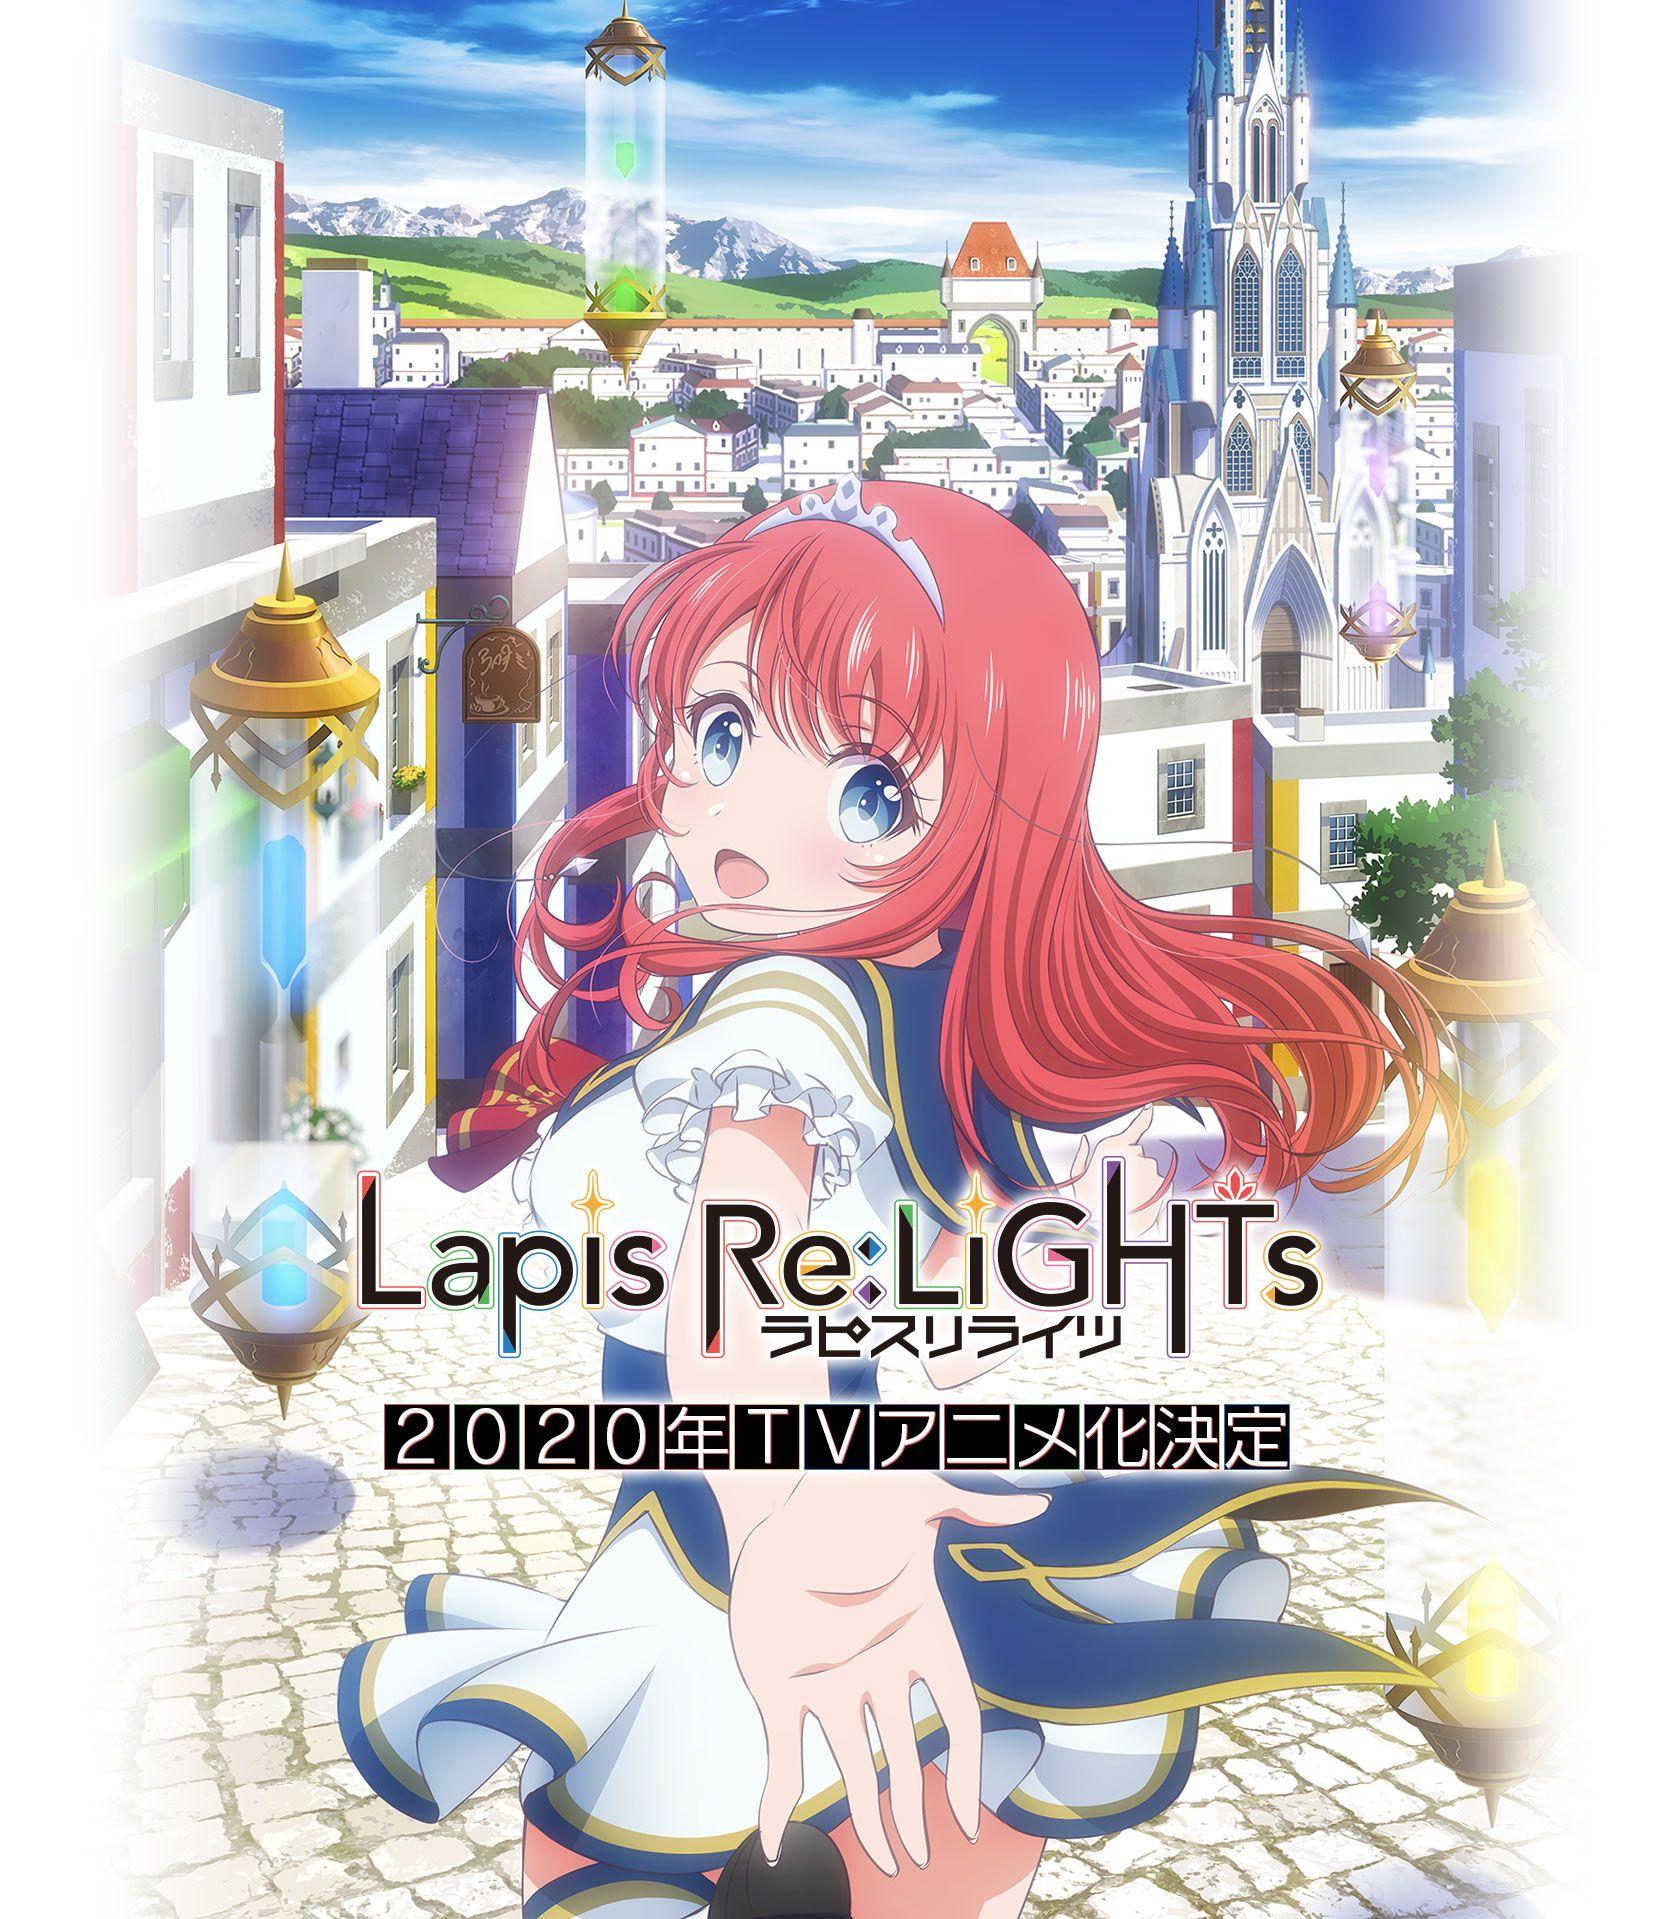 Anime về Idol Lapis ReLiGHTs sẽ được phát sóng vào năm